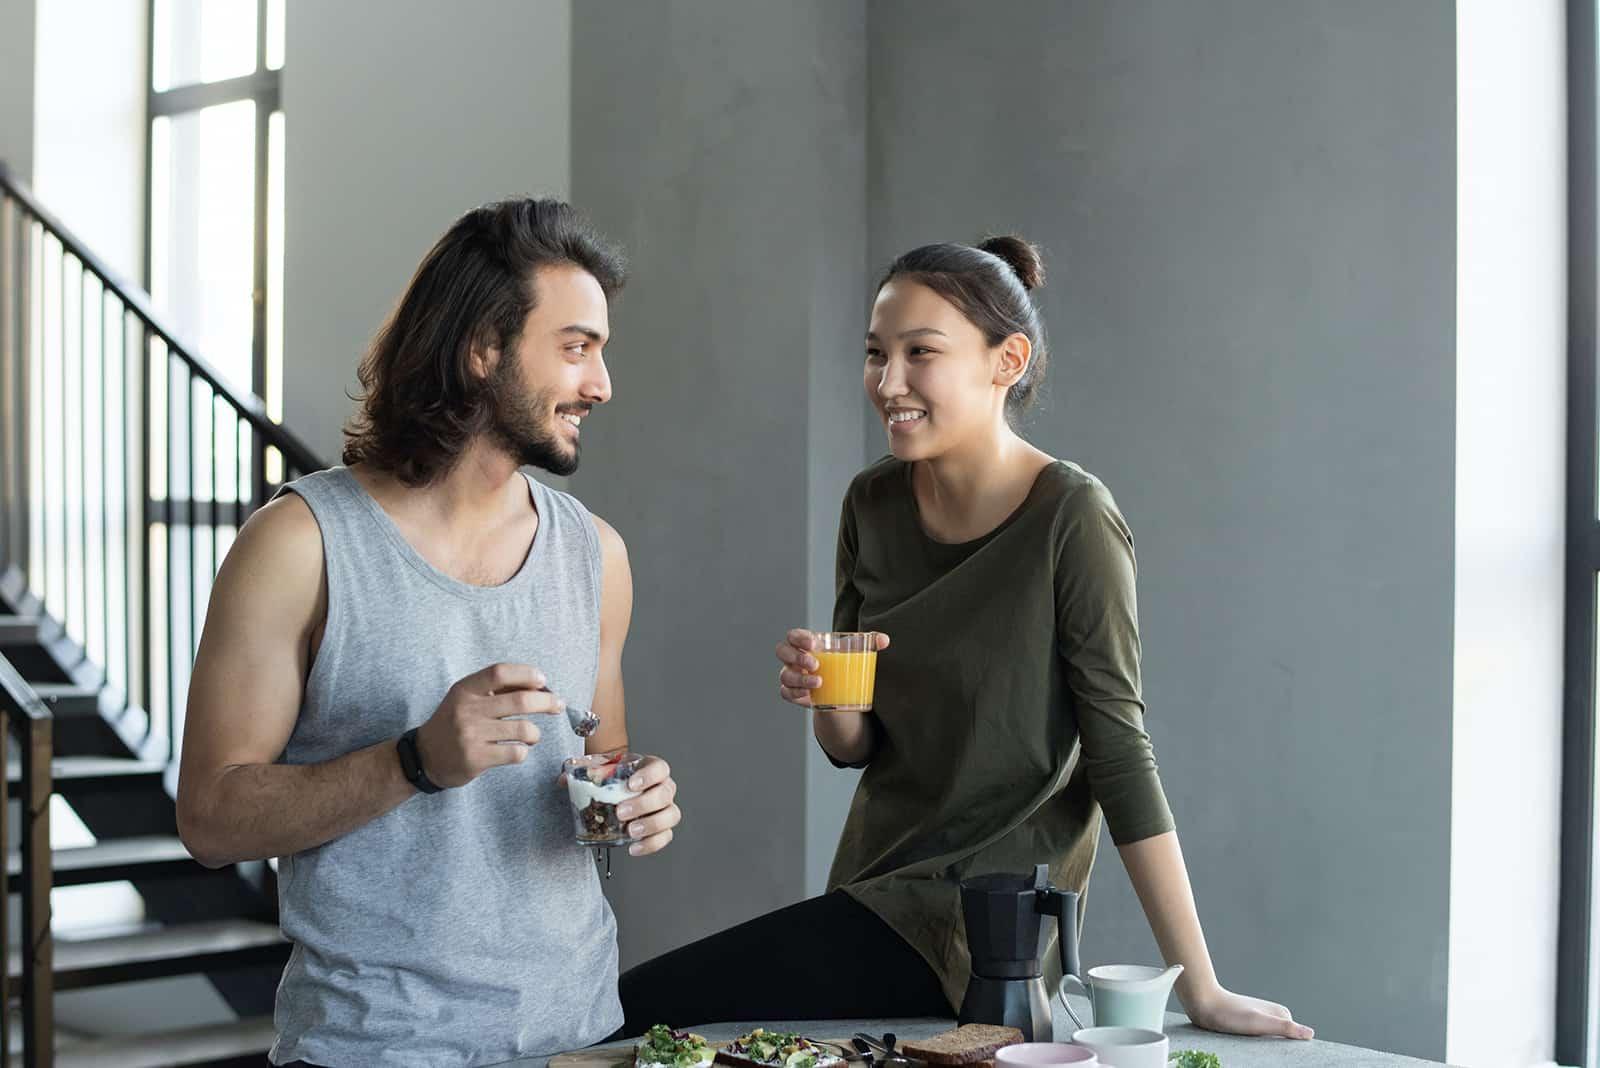 ein lächelndes Paar, das zusammen zu Hause frühstückt